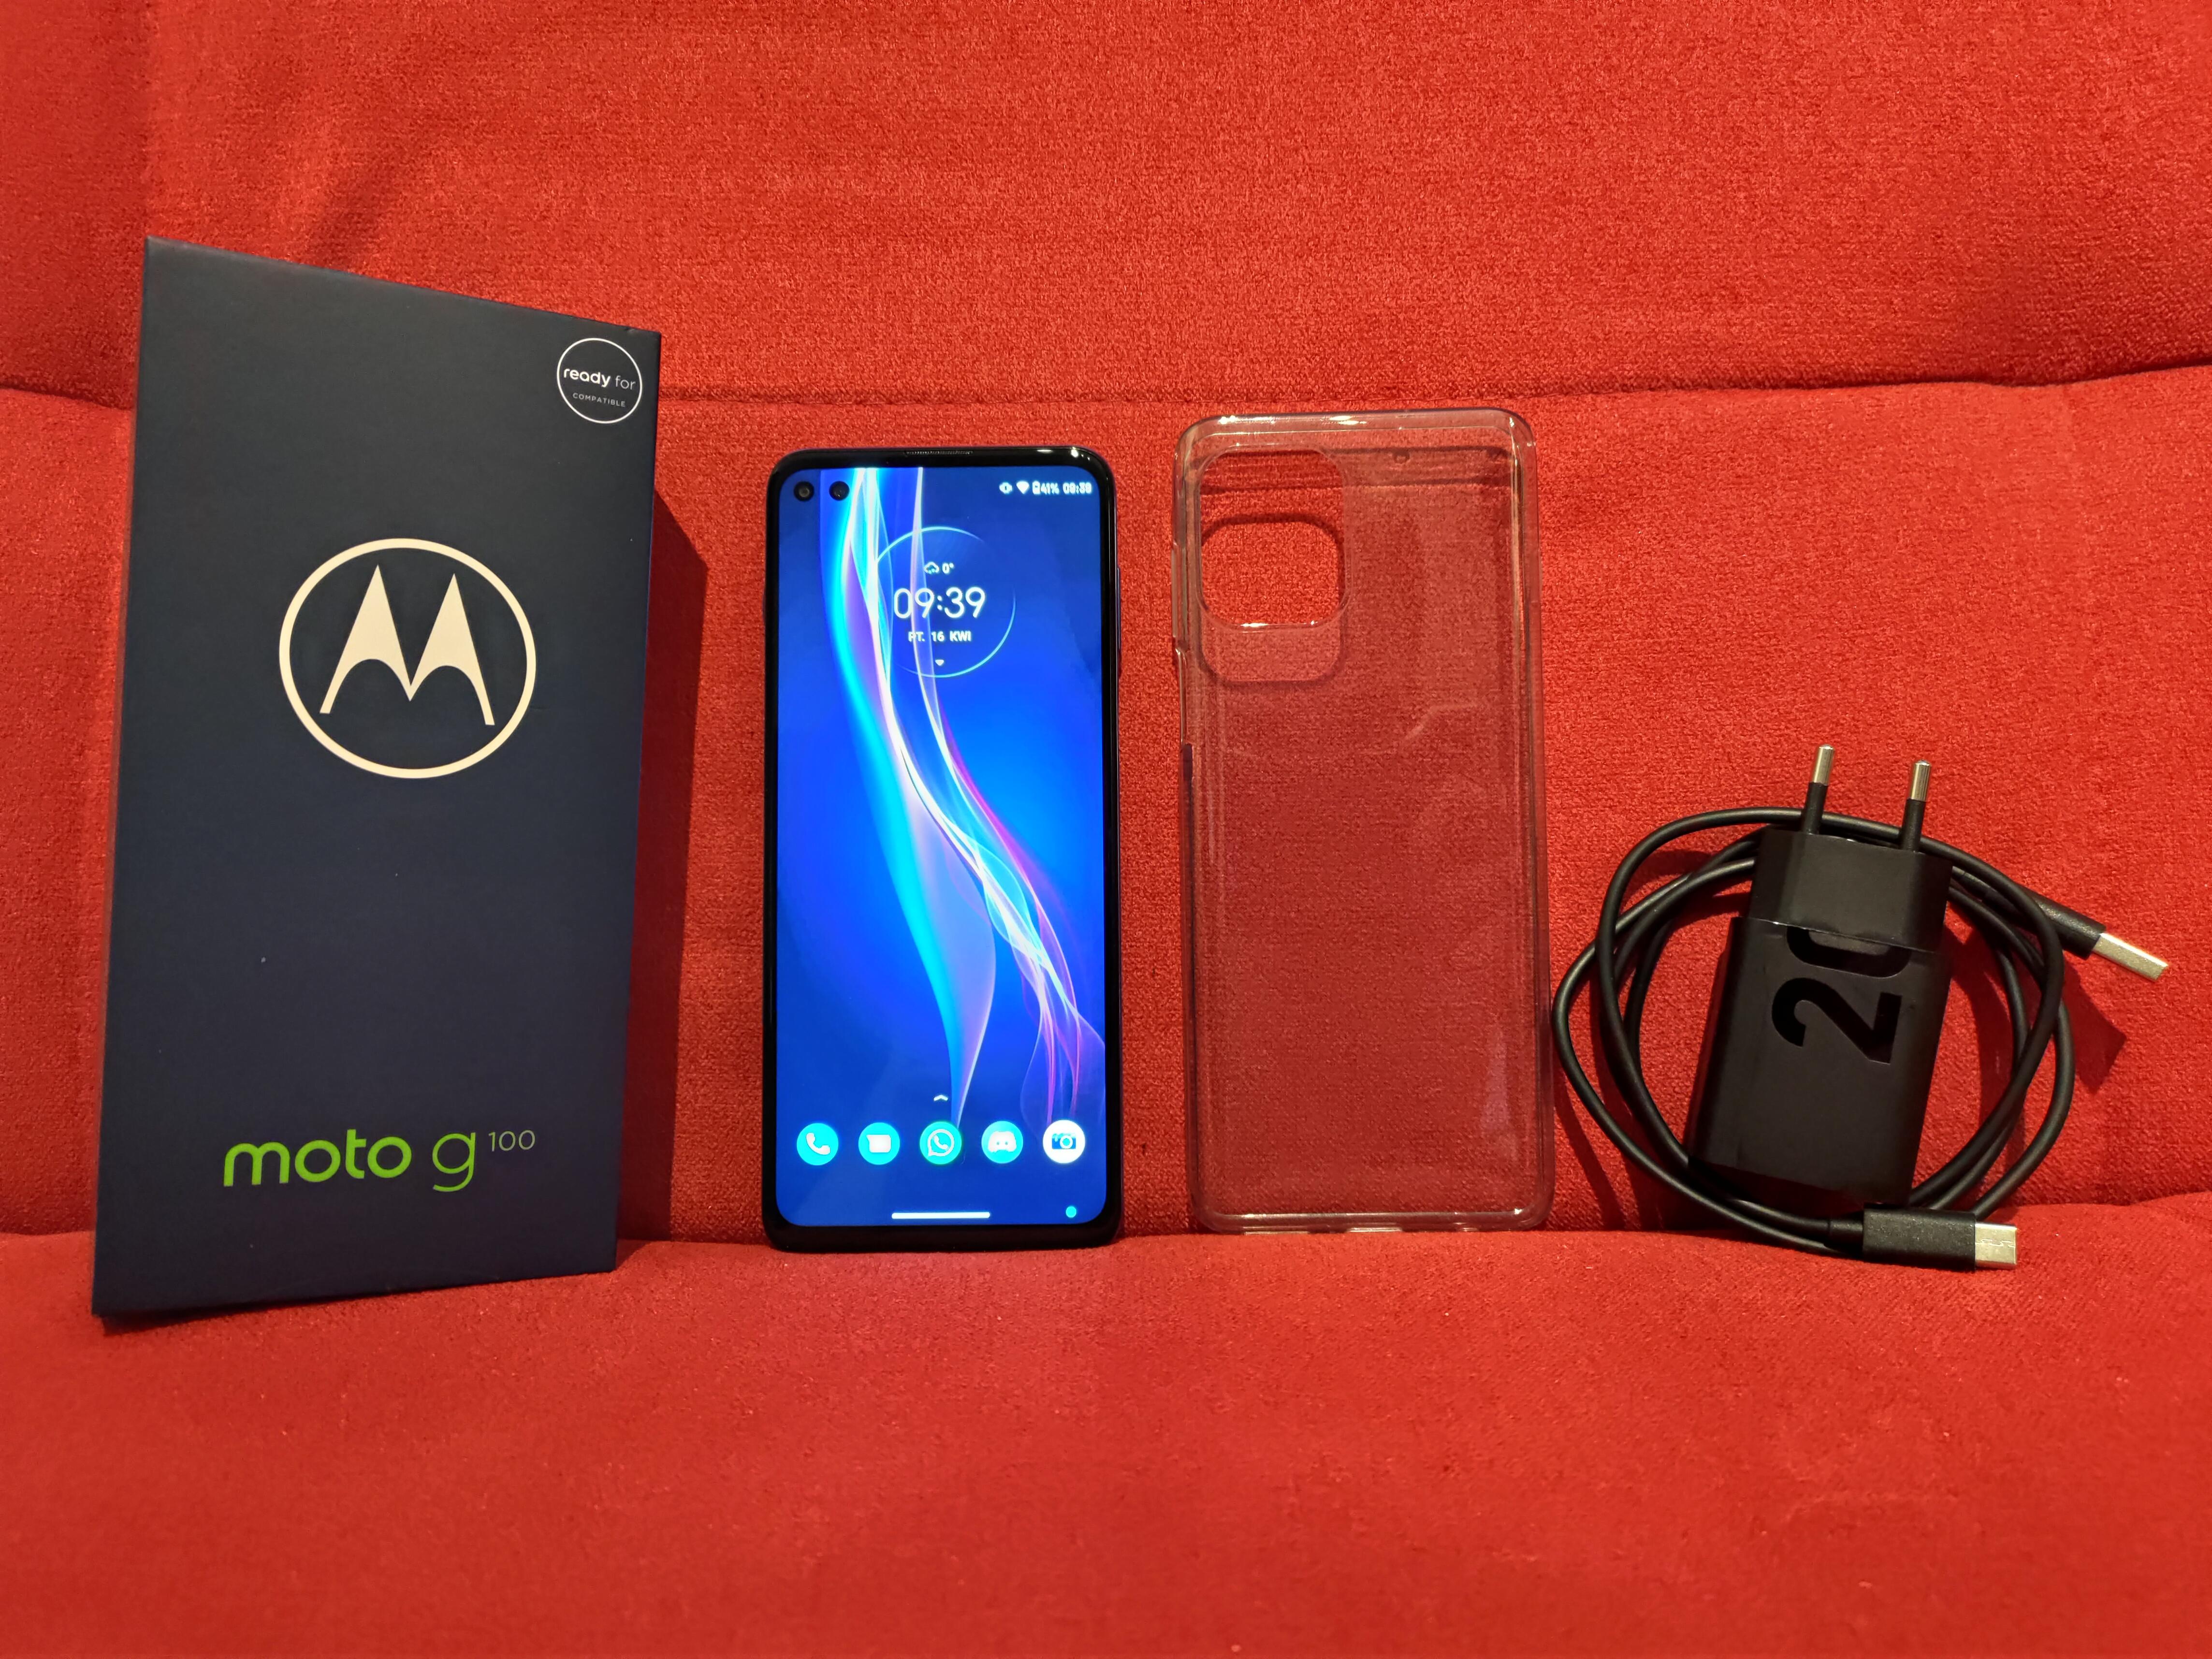 Recenzja Motorola Moto G100 - Zestaw sprzedażowy - fot. Tabletowo.pl